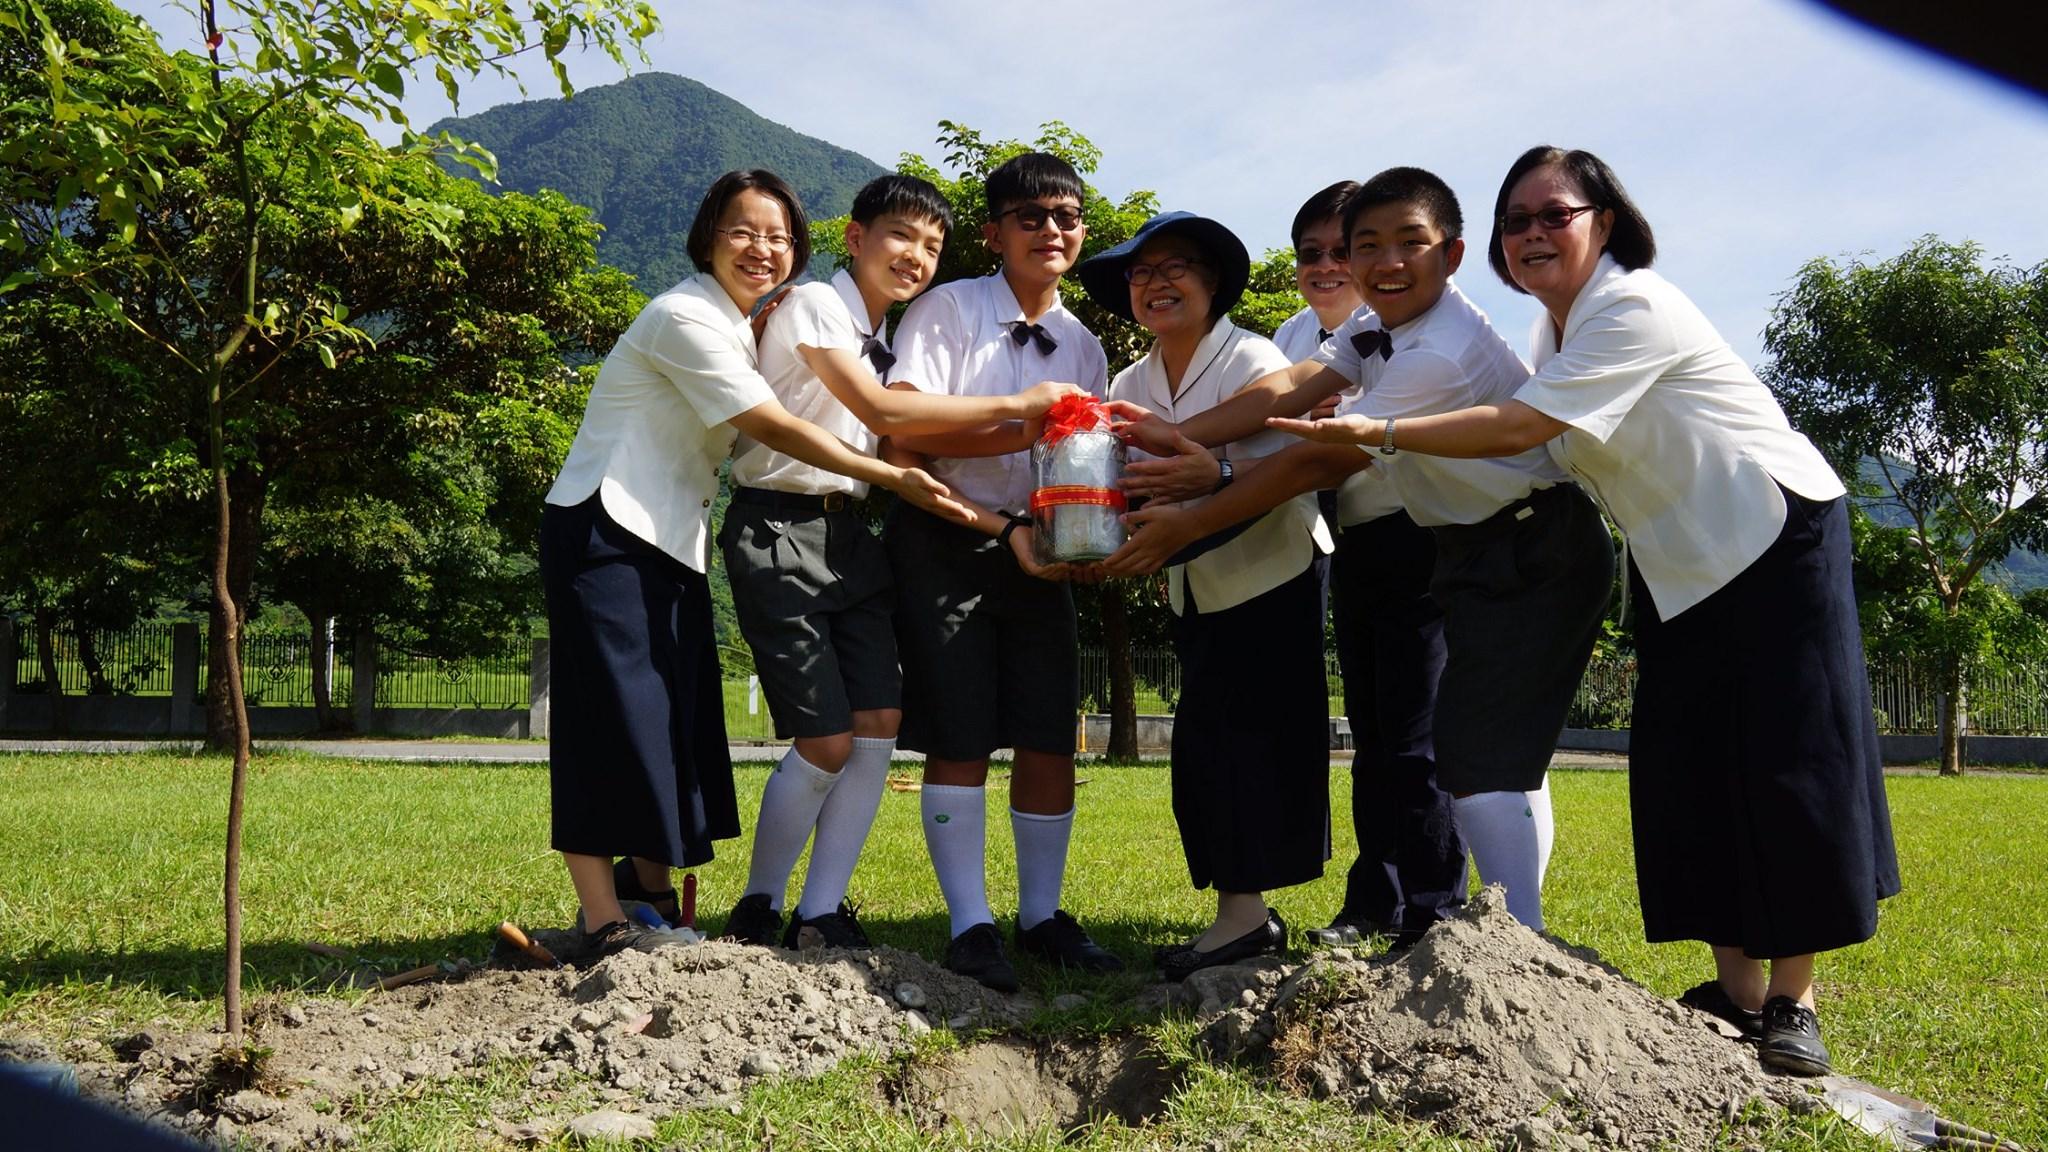 校長李玲惠表示,透過畢業植樹的活動,孩子們將自己在校園成長的記憶,植根在校園裡。